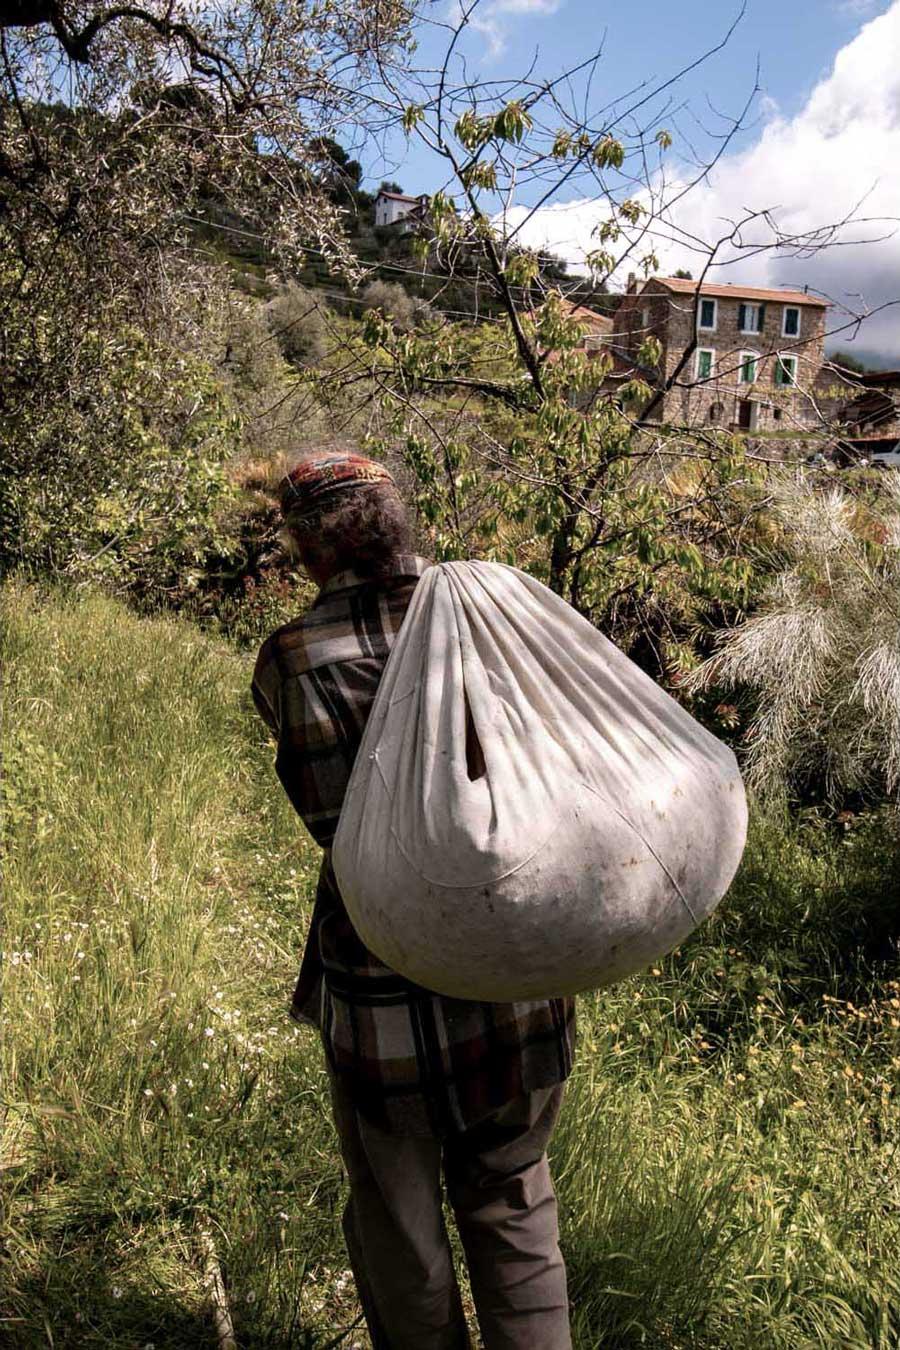 Producteur d'eau de fleur d'oranger, portant un sac rempli de fleurs